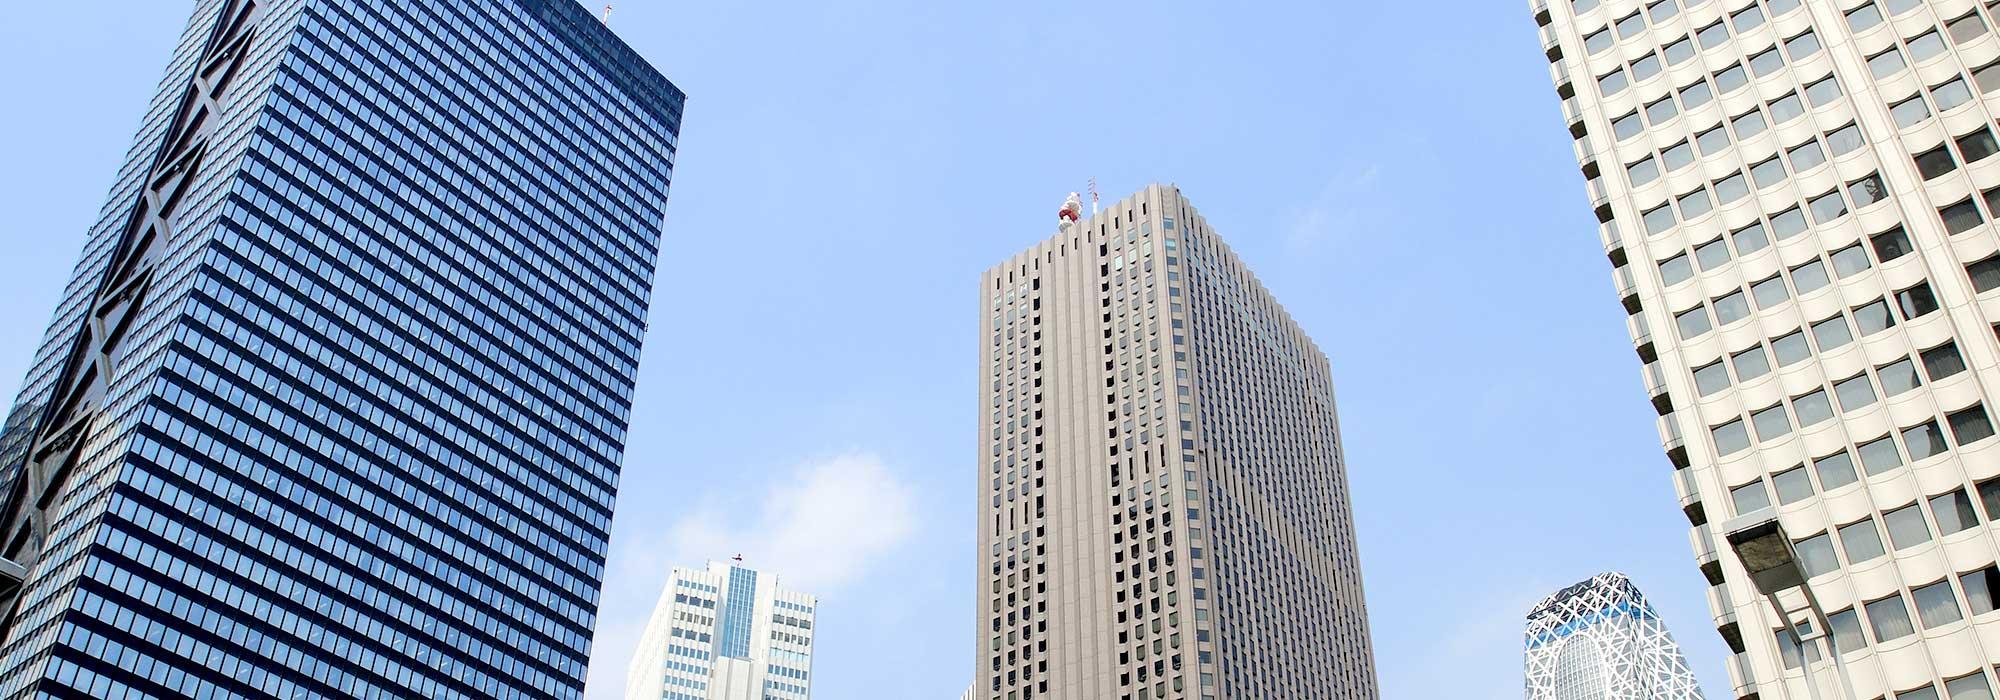 青空の背景に建ち並ぶ都心のビルの風景 不動産投資のイメージ